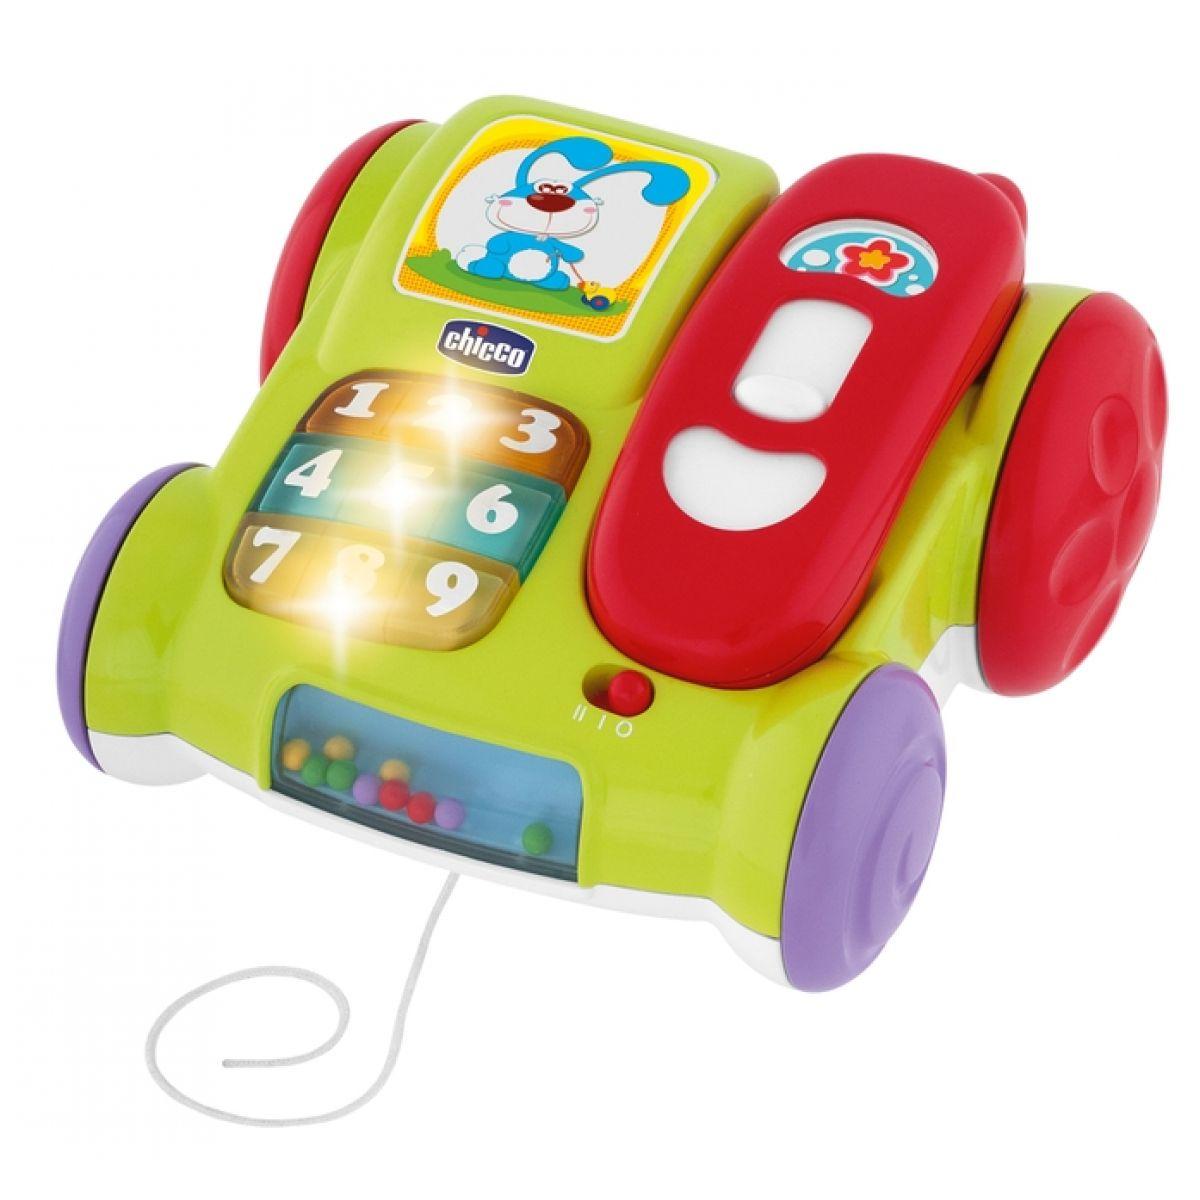 CHICCO telefónek hudební na kolečkách